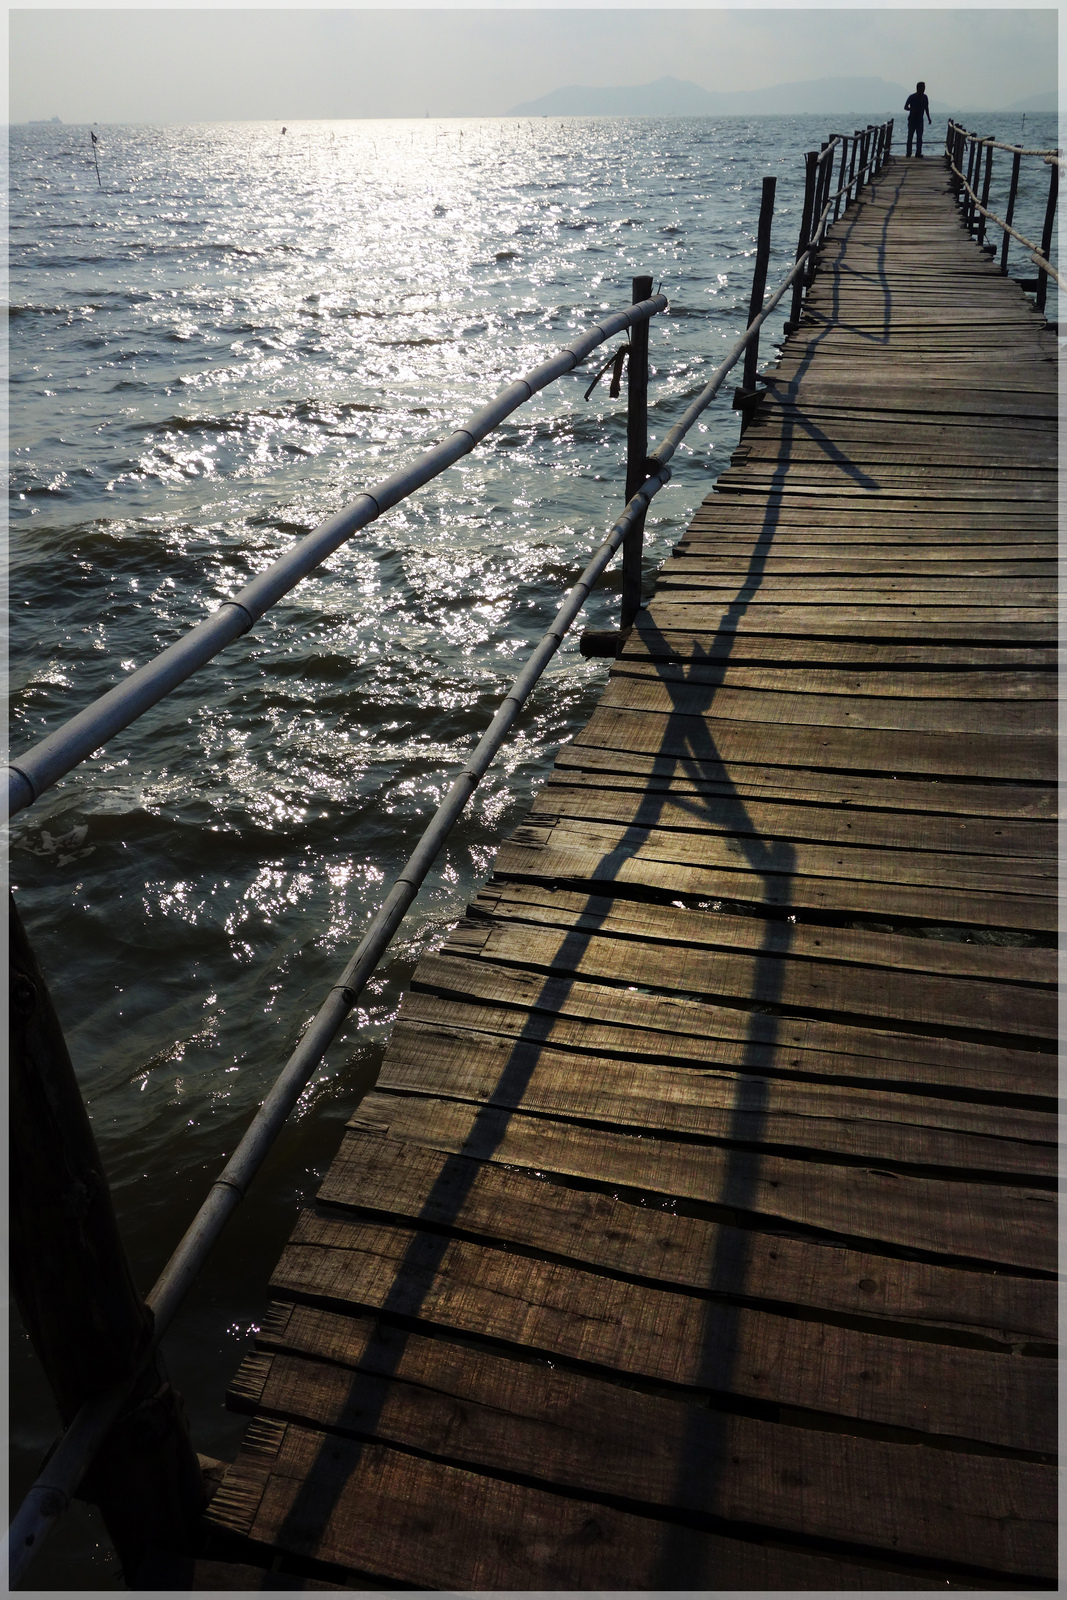 Bình minh cầu gỗ Cần Thạnh 1.jpg